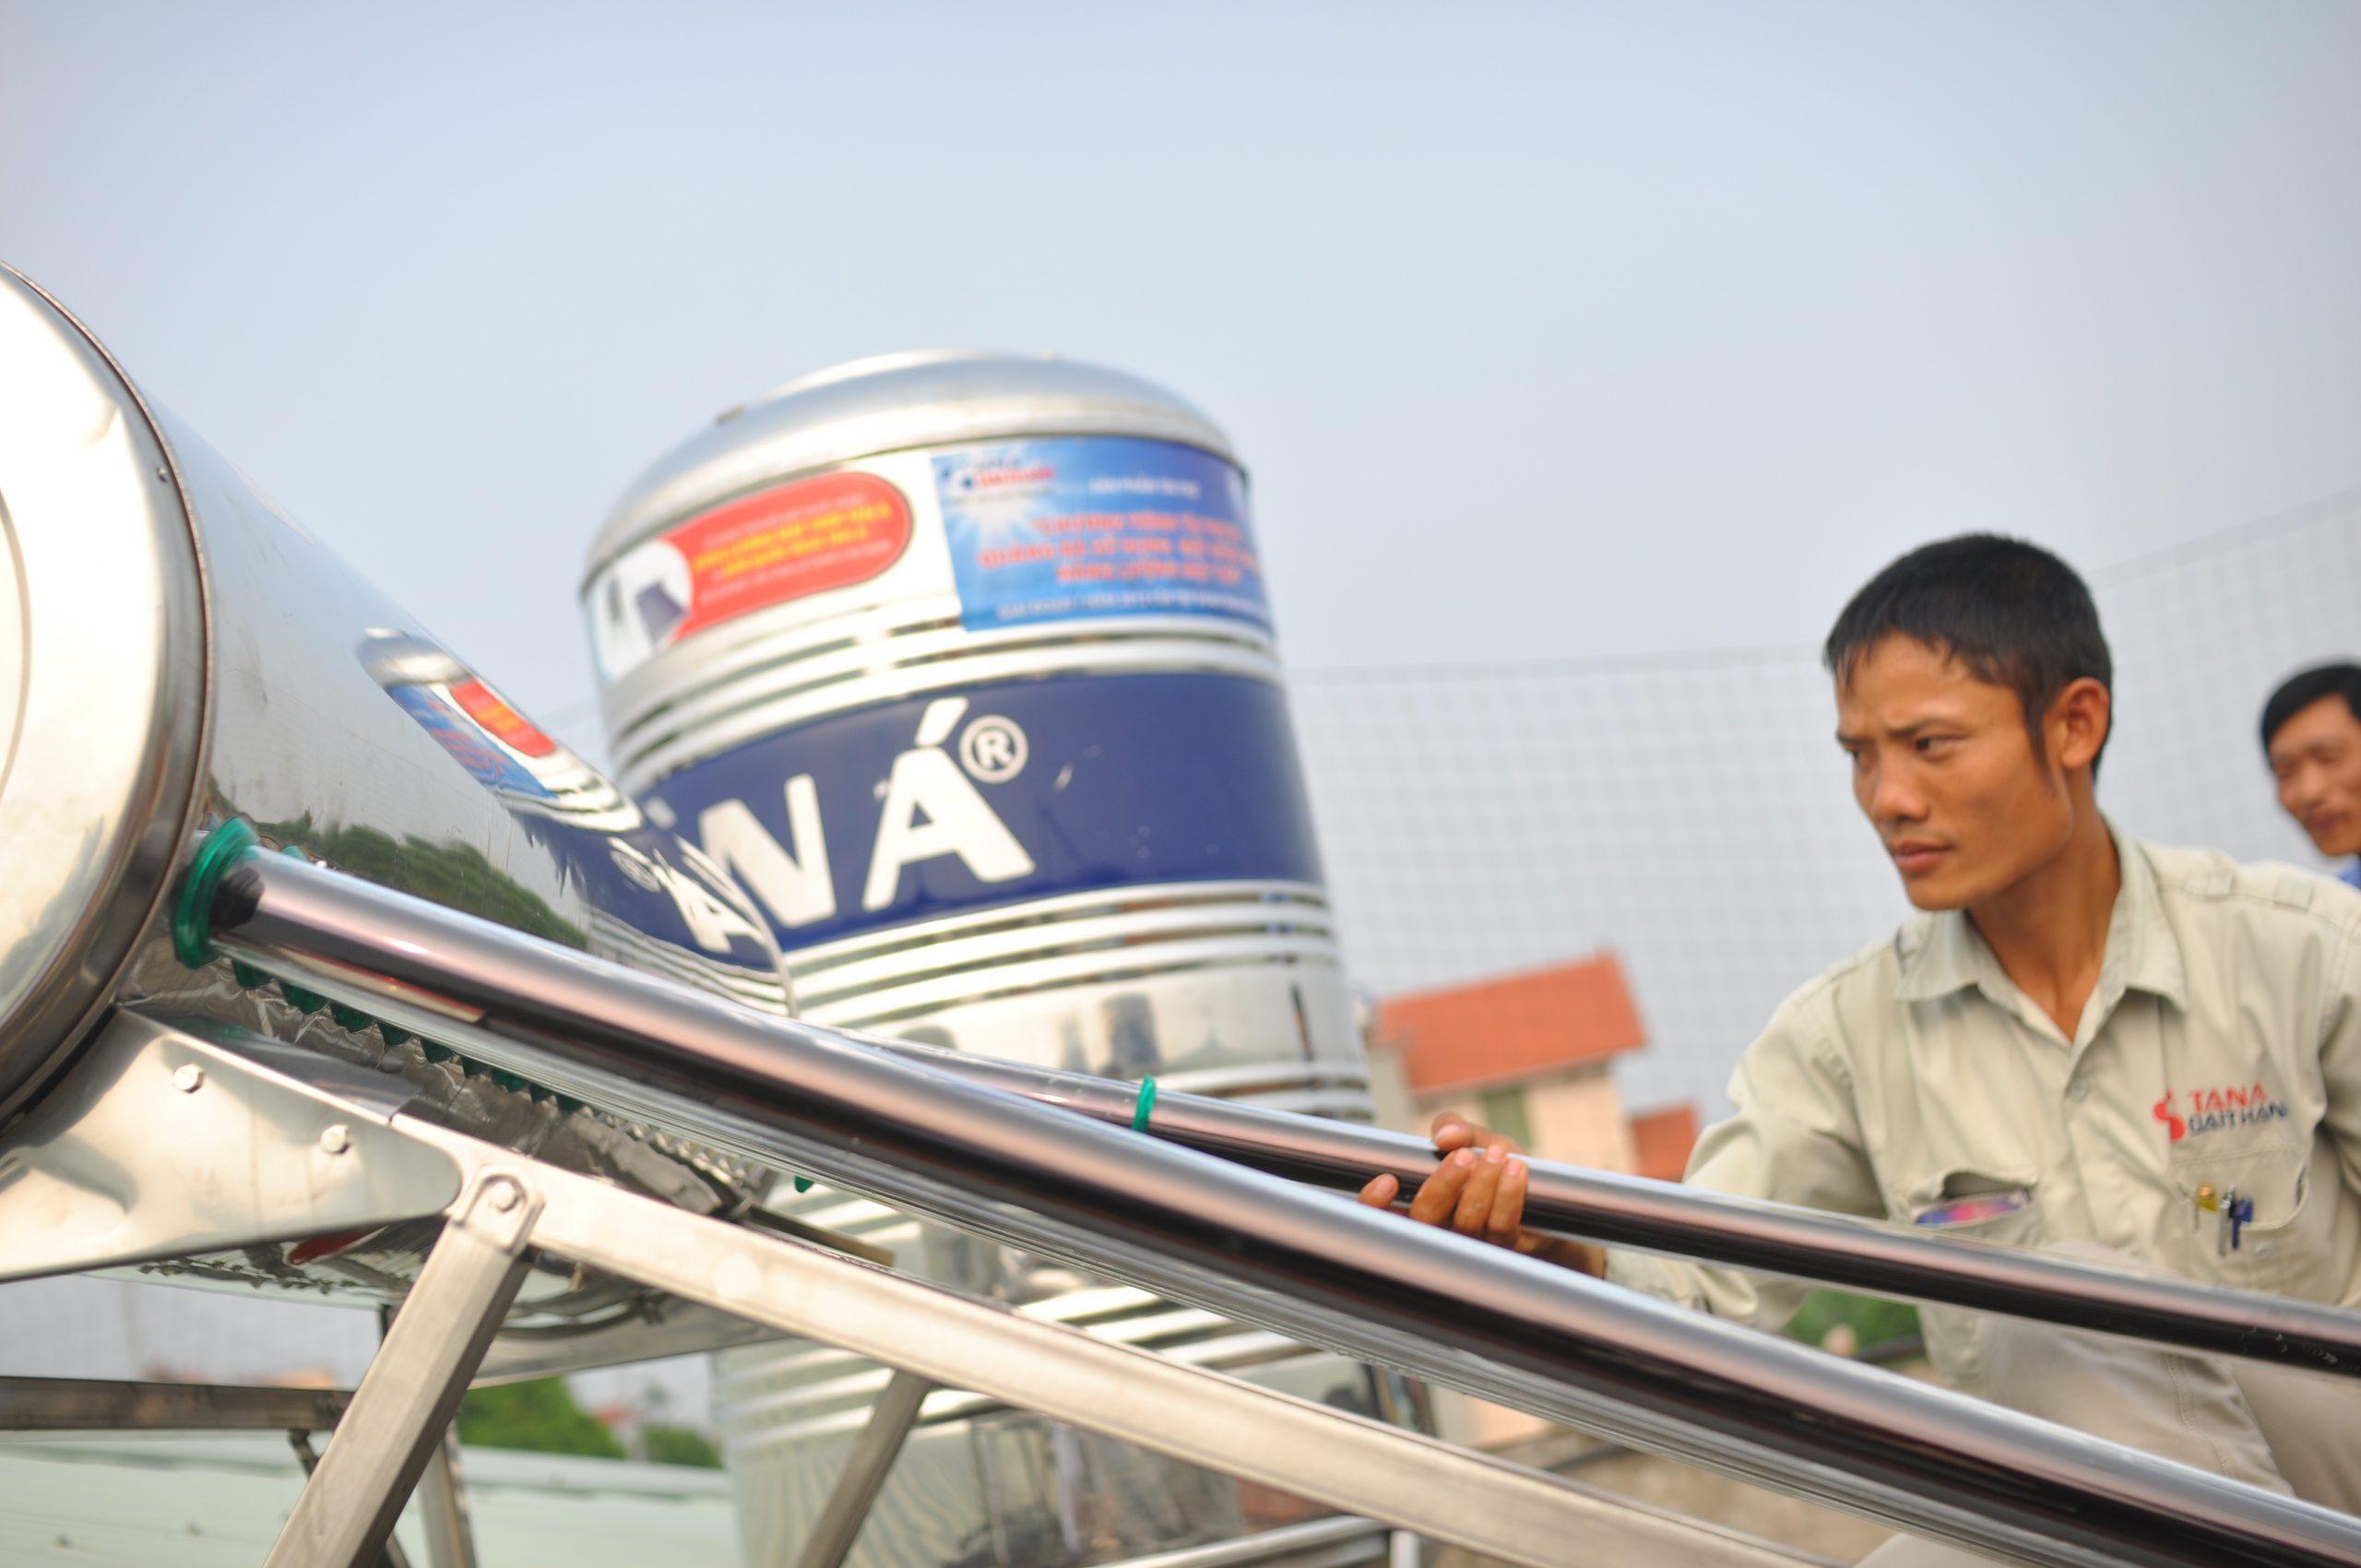 Sản phẩm Bình nước nóng năng lượng mặt trời hiện đang được lắp đặt rất rộng rãi